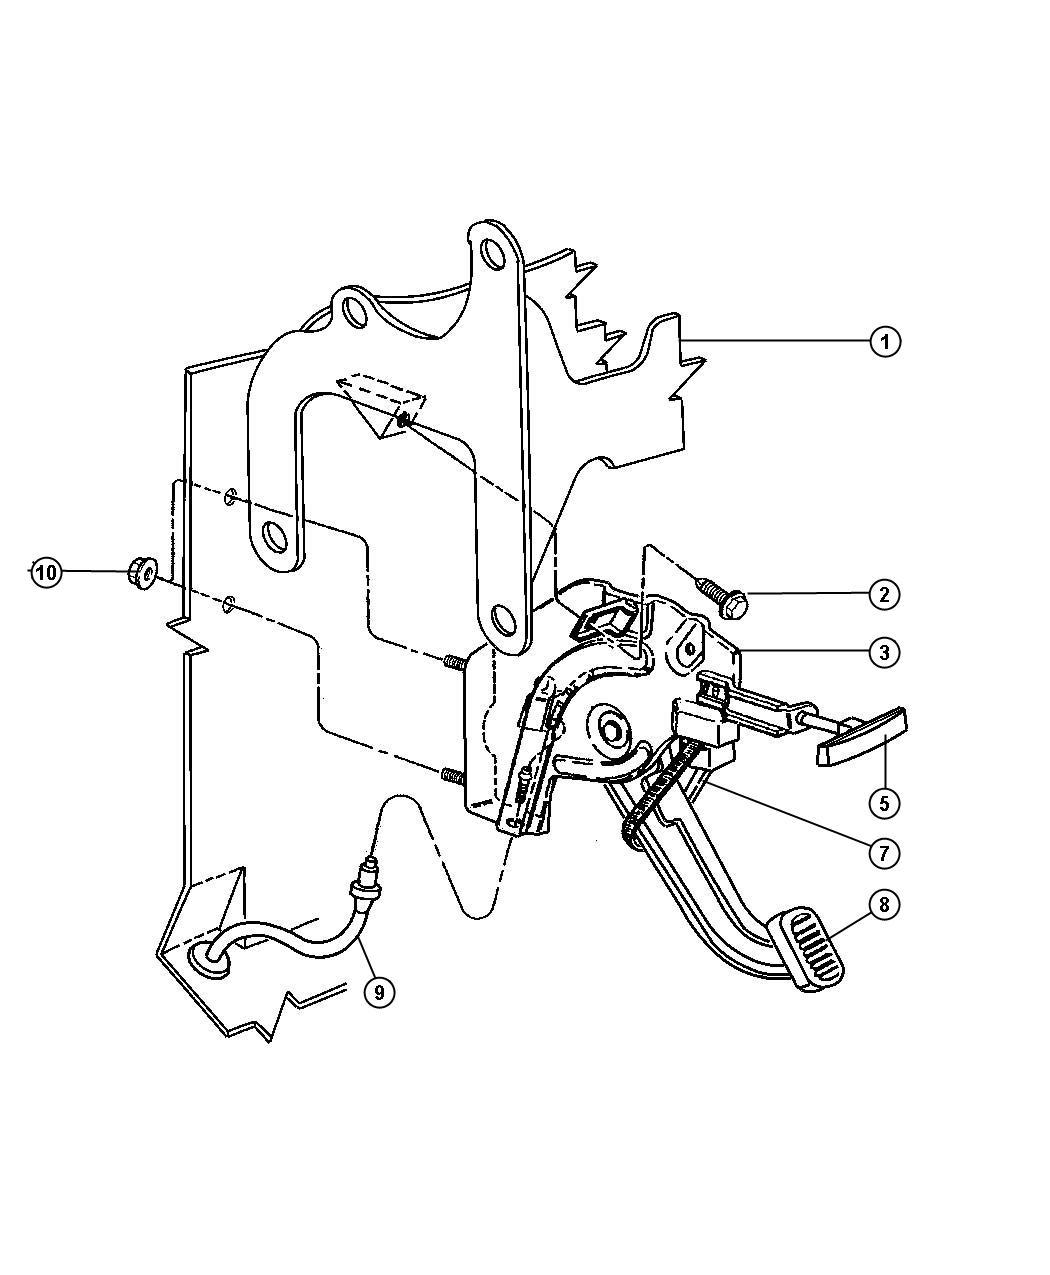 Ram Switch Parking Brake